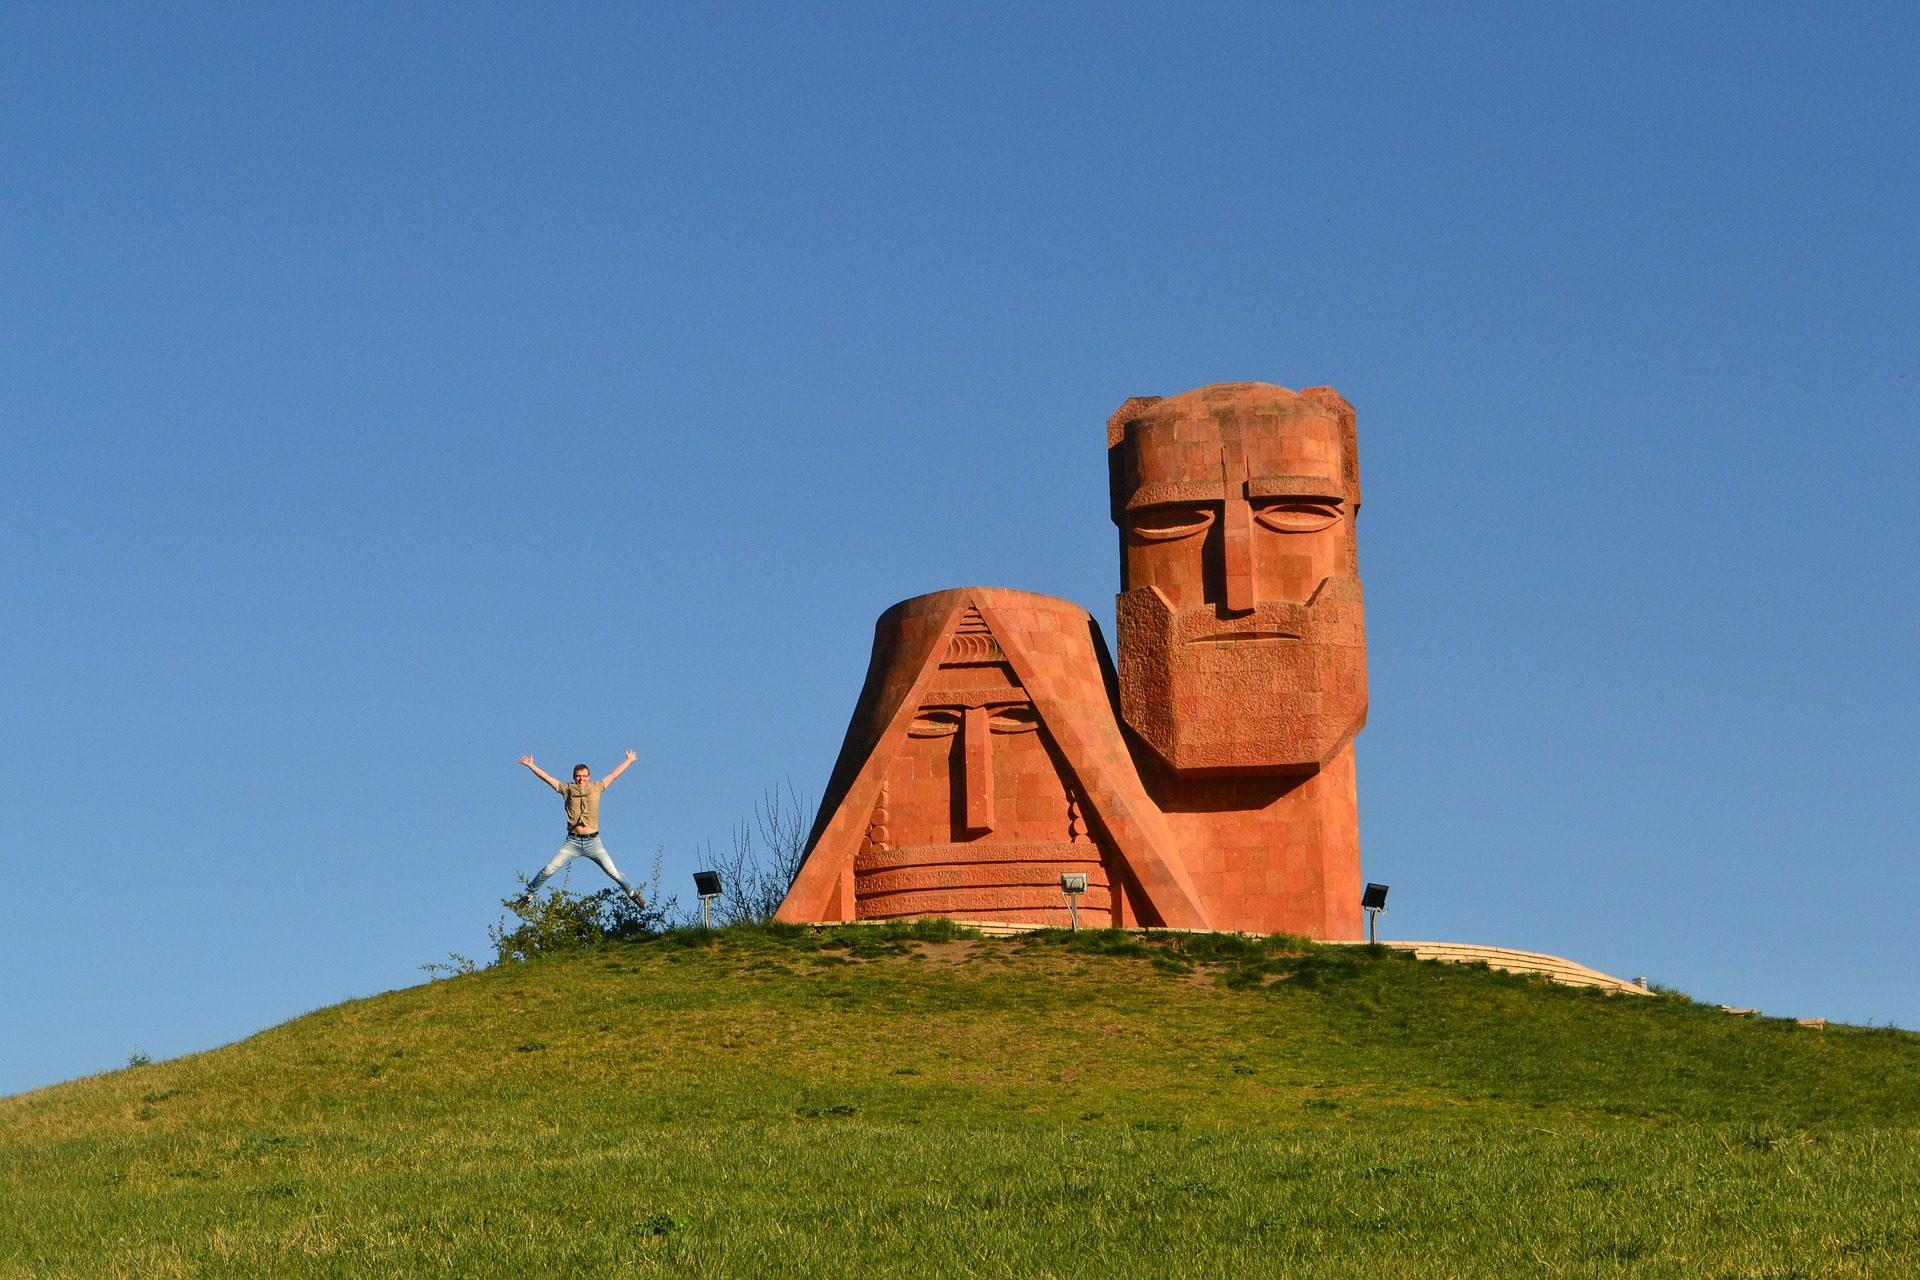 estatua, monumento, totem, colina, hombre, salto - Fondos de Pantalla HD - professor-falken.com